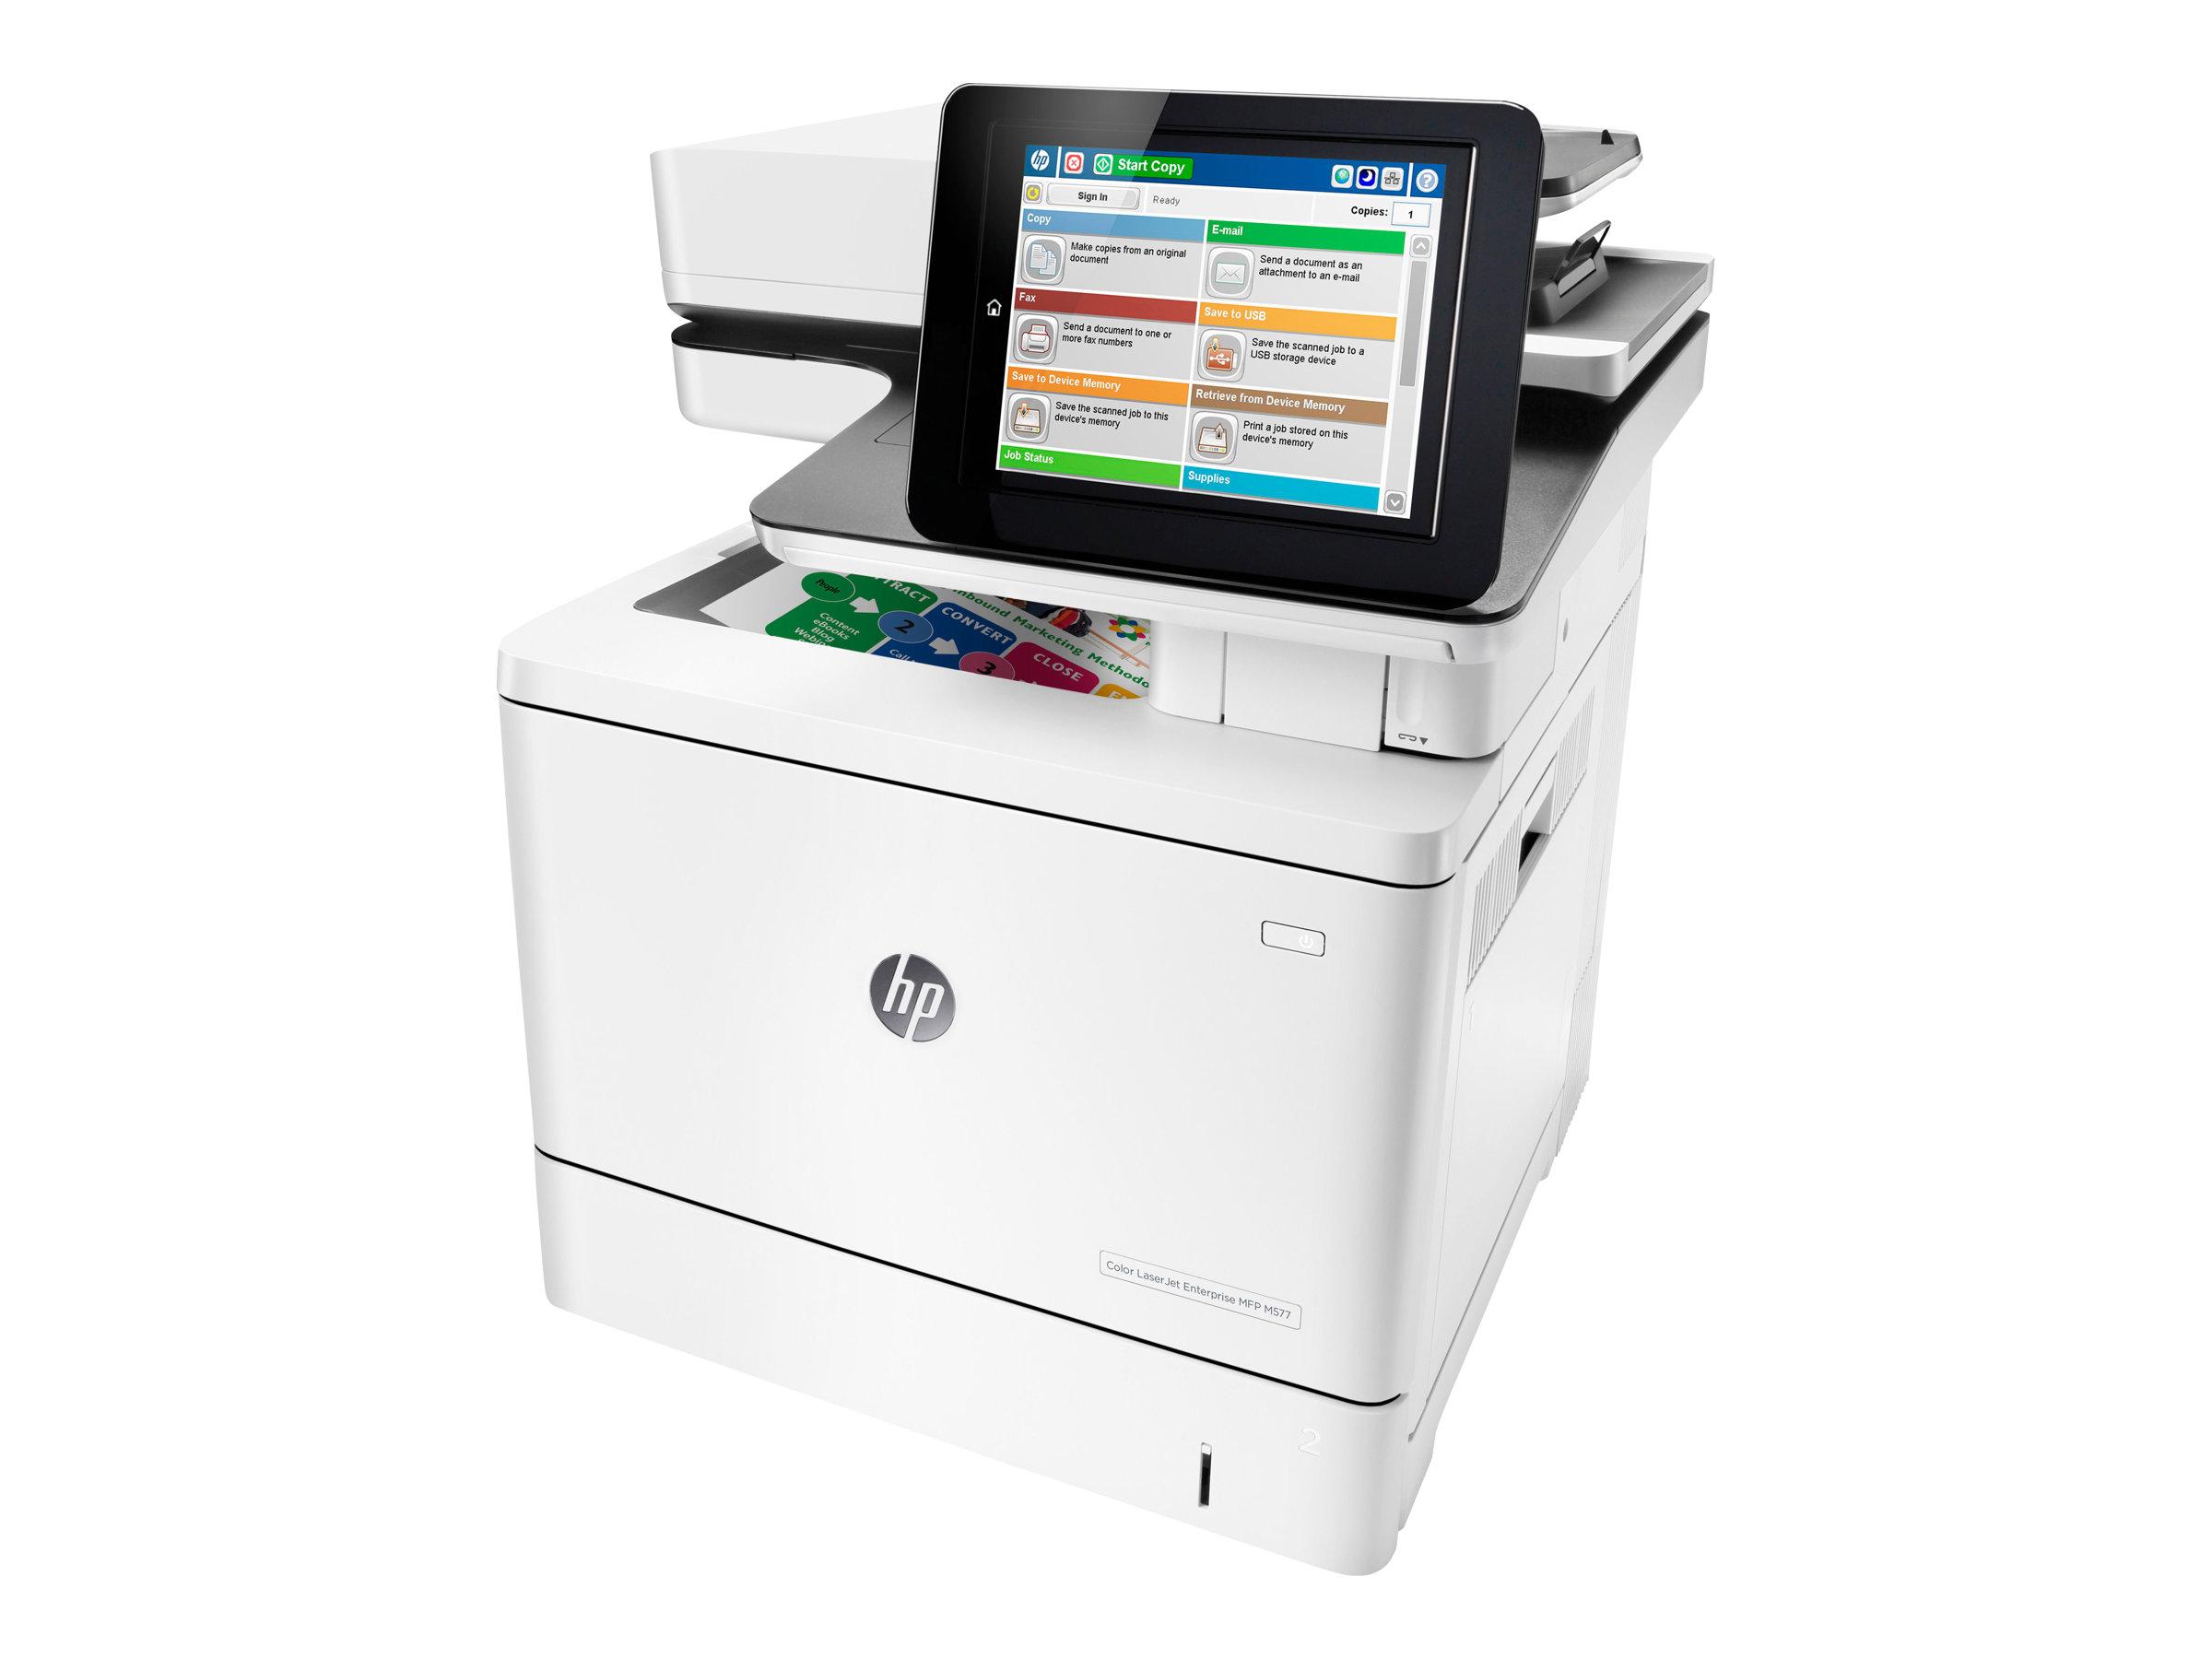 HP LaserJet Enterprise MFP M577f - Multifunktionsdrucker - Farbe - Laser - Legal (216 x 356 mm)